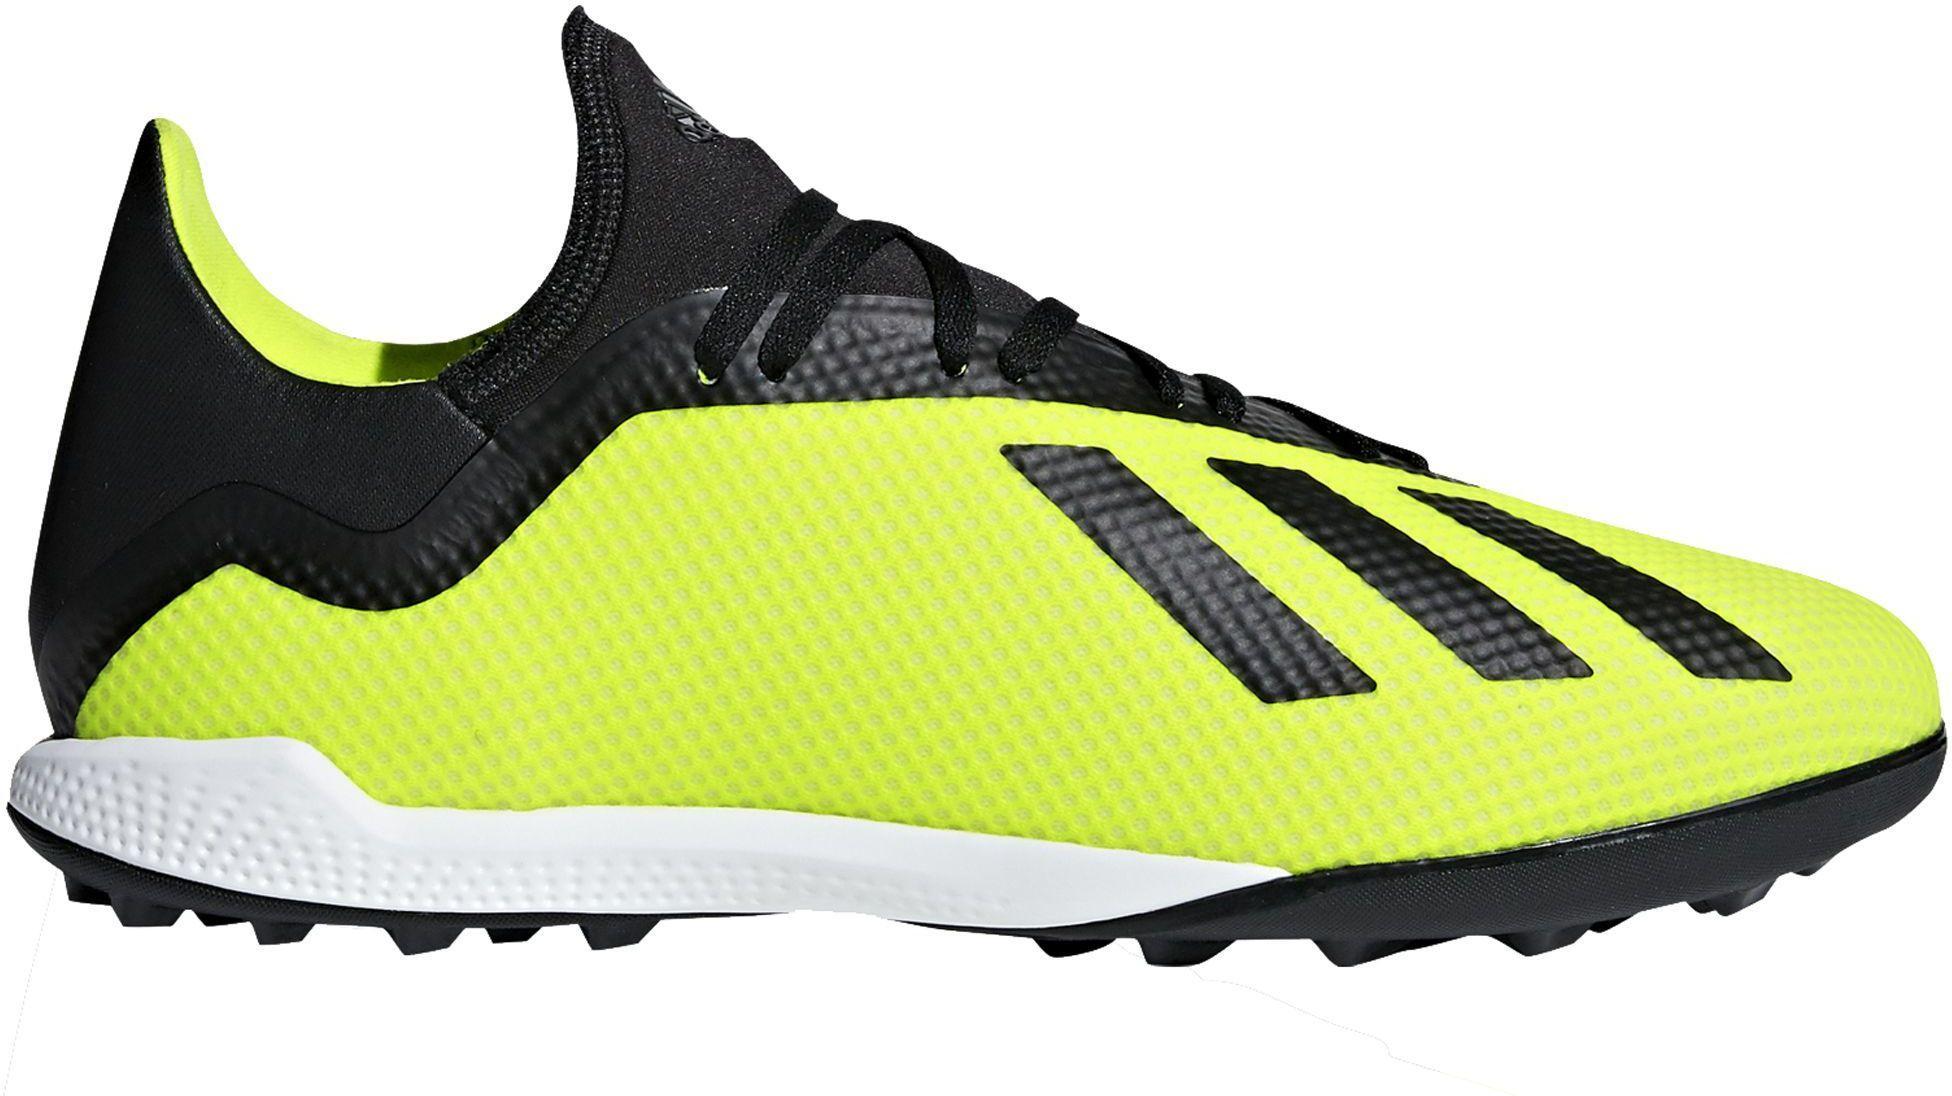 uk availability 2cb00 e7d84 Best pris på Adidas X Tango 18.3 TF (Herre) - Se priser før kjøp i  Prisguiden